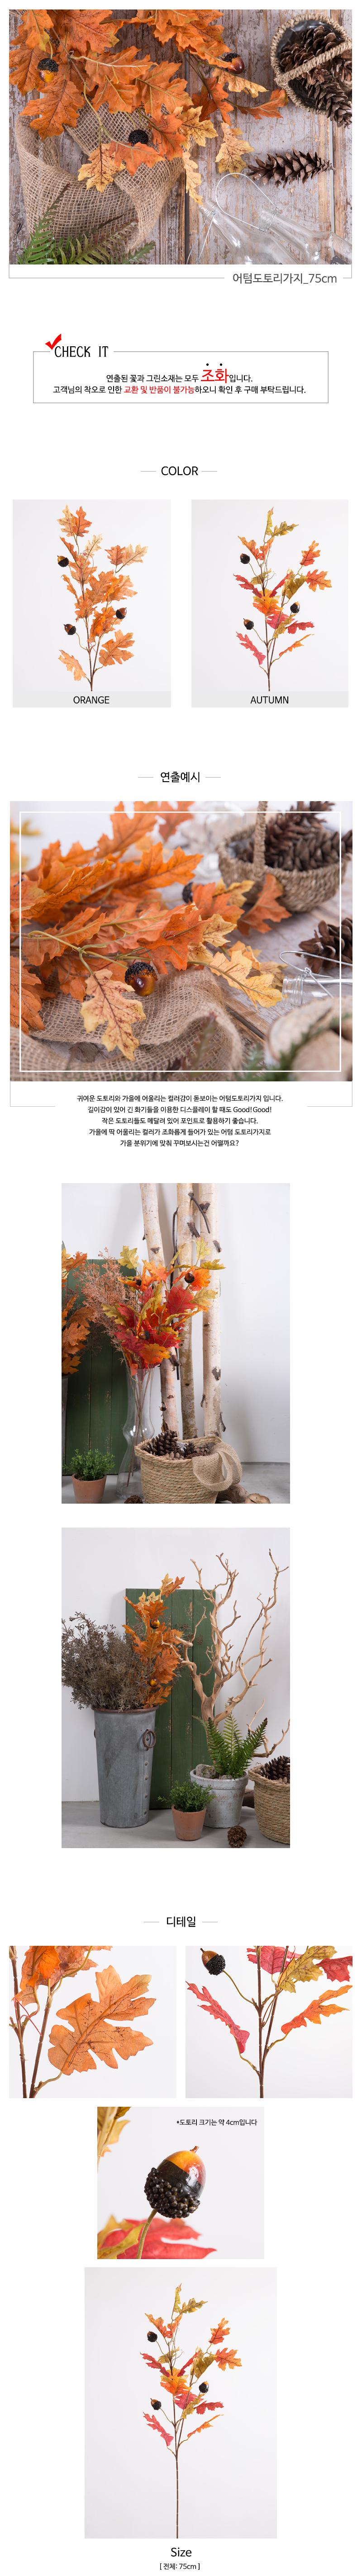 조화 어텀도토리가지_75cm (2COLOR) - 마쉬매리골드, 5,200원, 조화, 부쉬